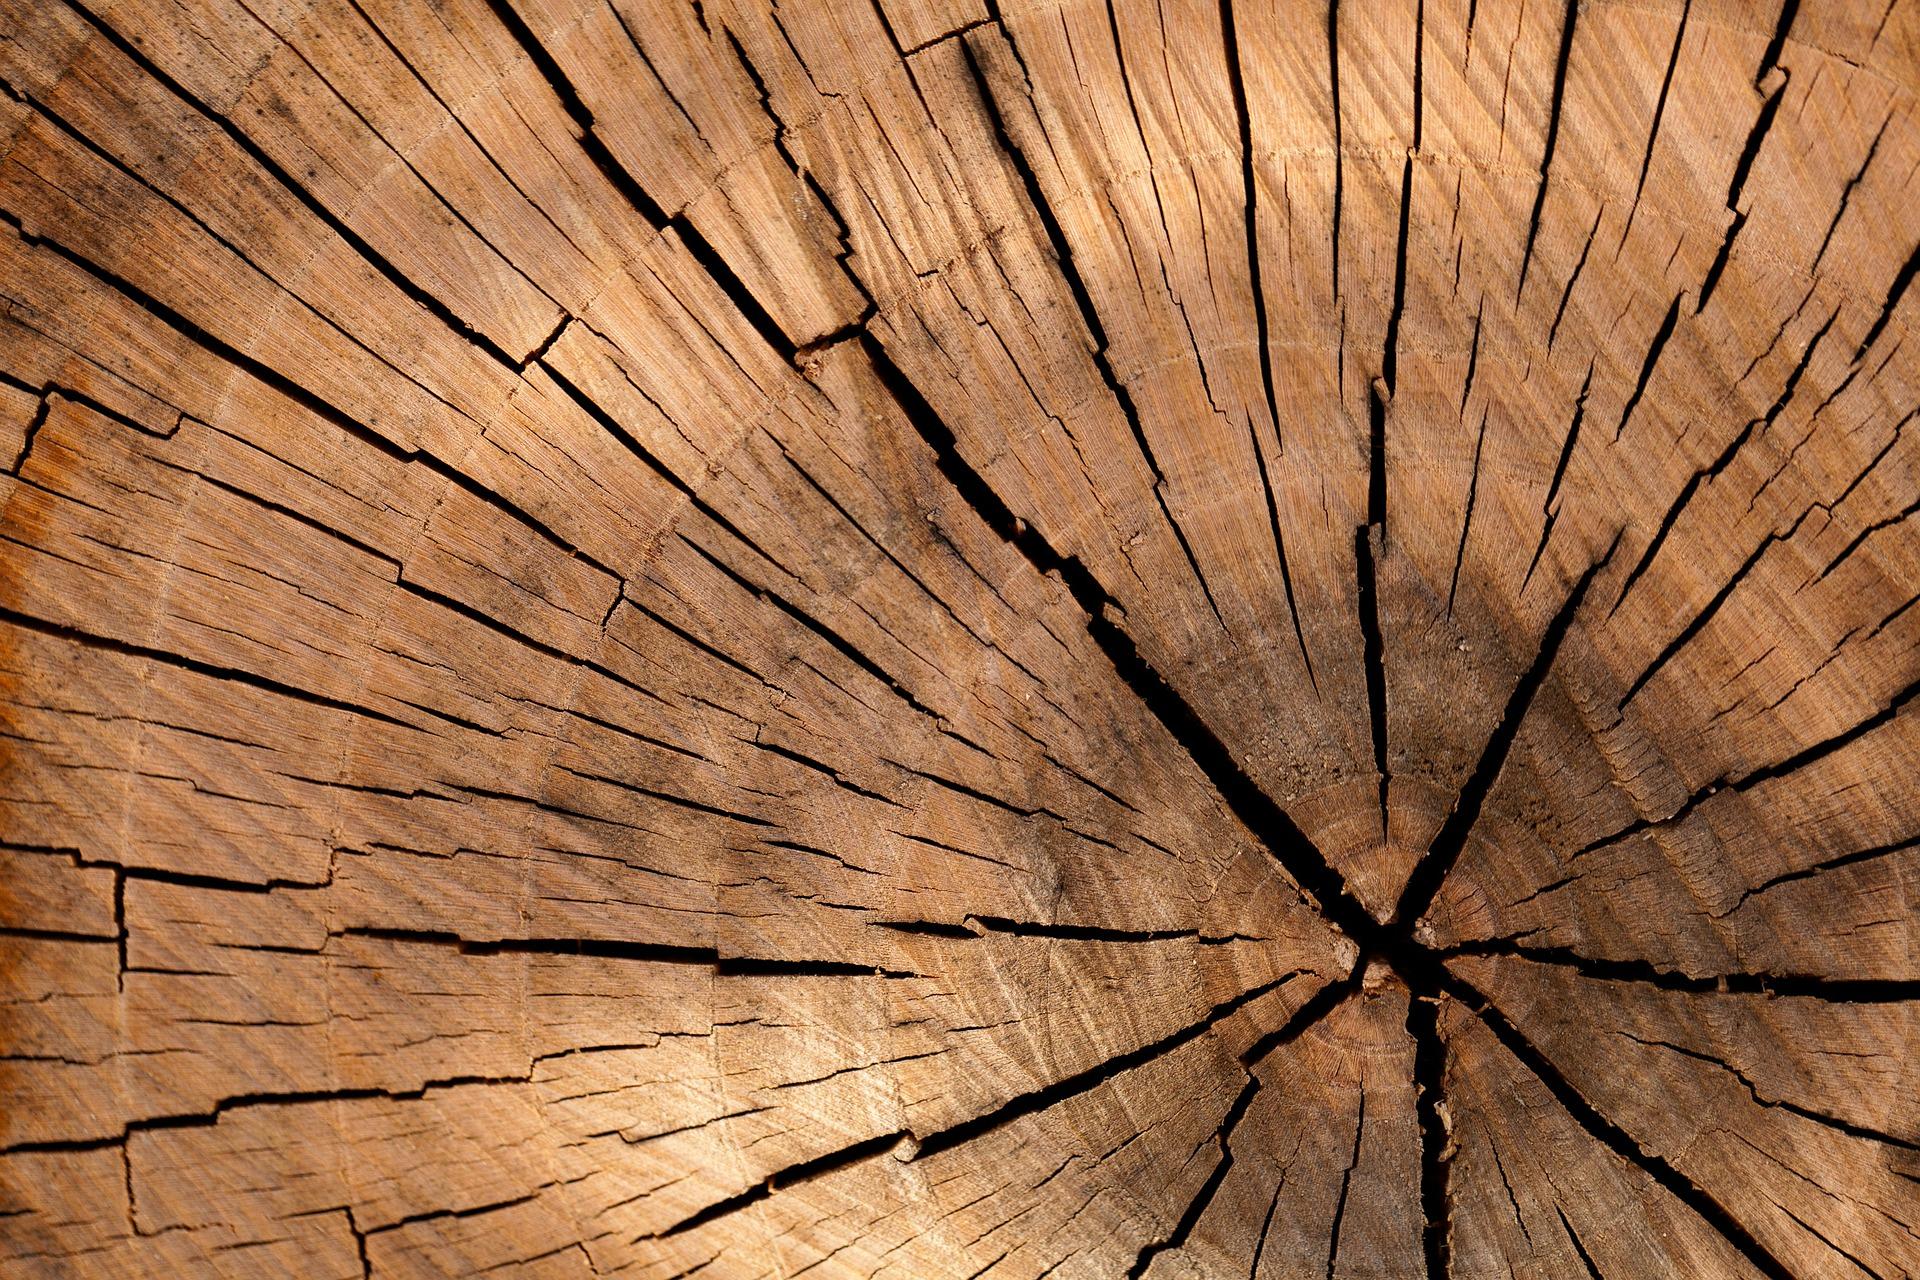 Tronc d'arbre en coupe